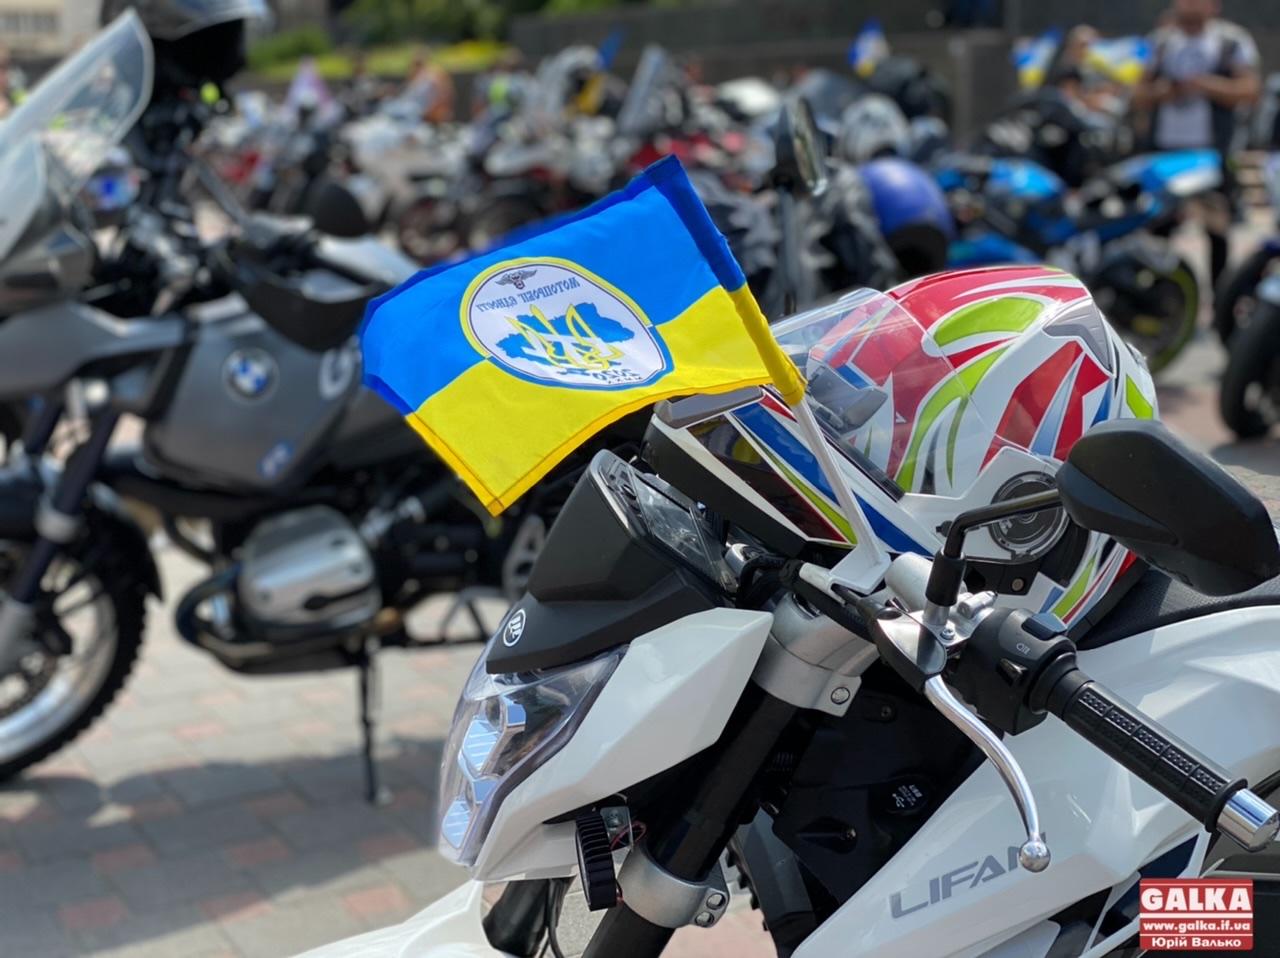 Гул двигунів та національна символіка: до Франківська завітав Всеукраїнський мотопробіг єдності (ФОТО)